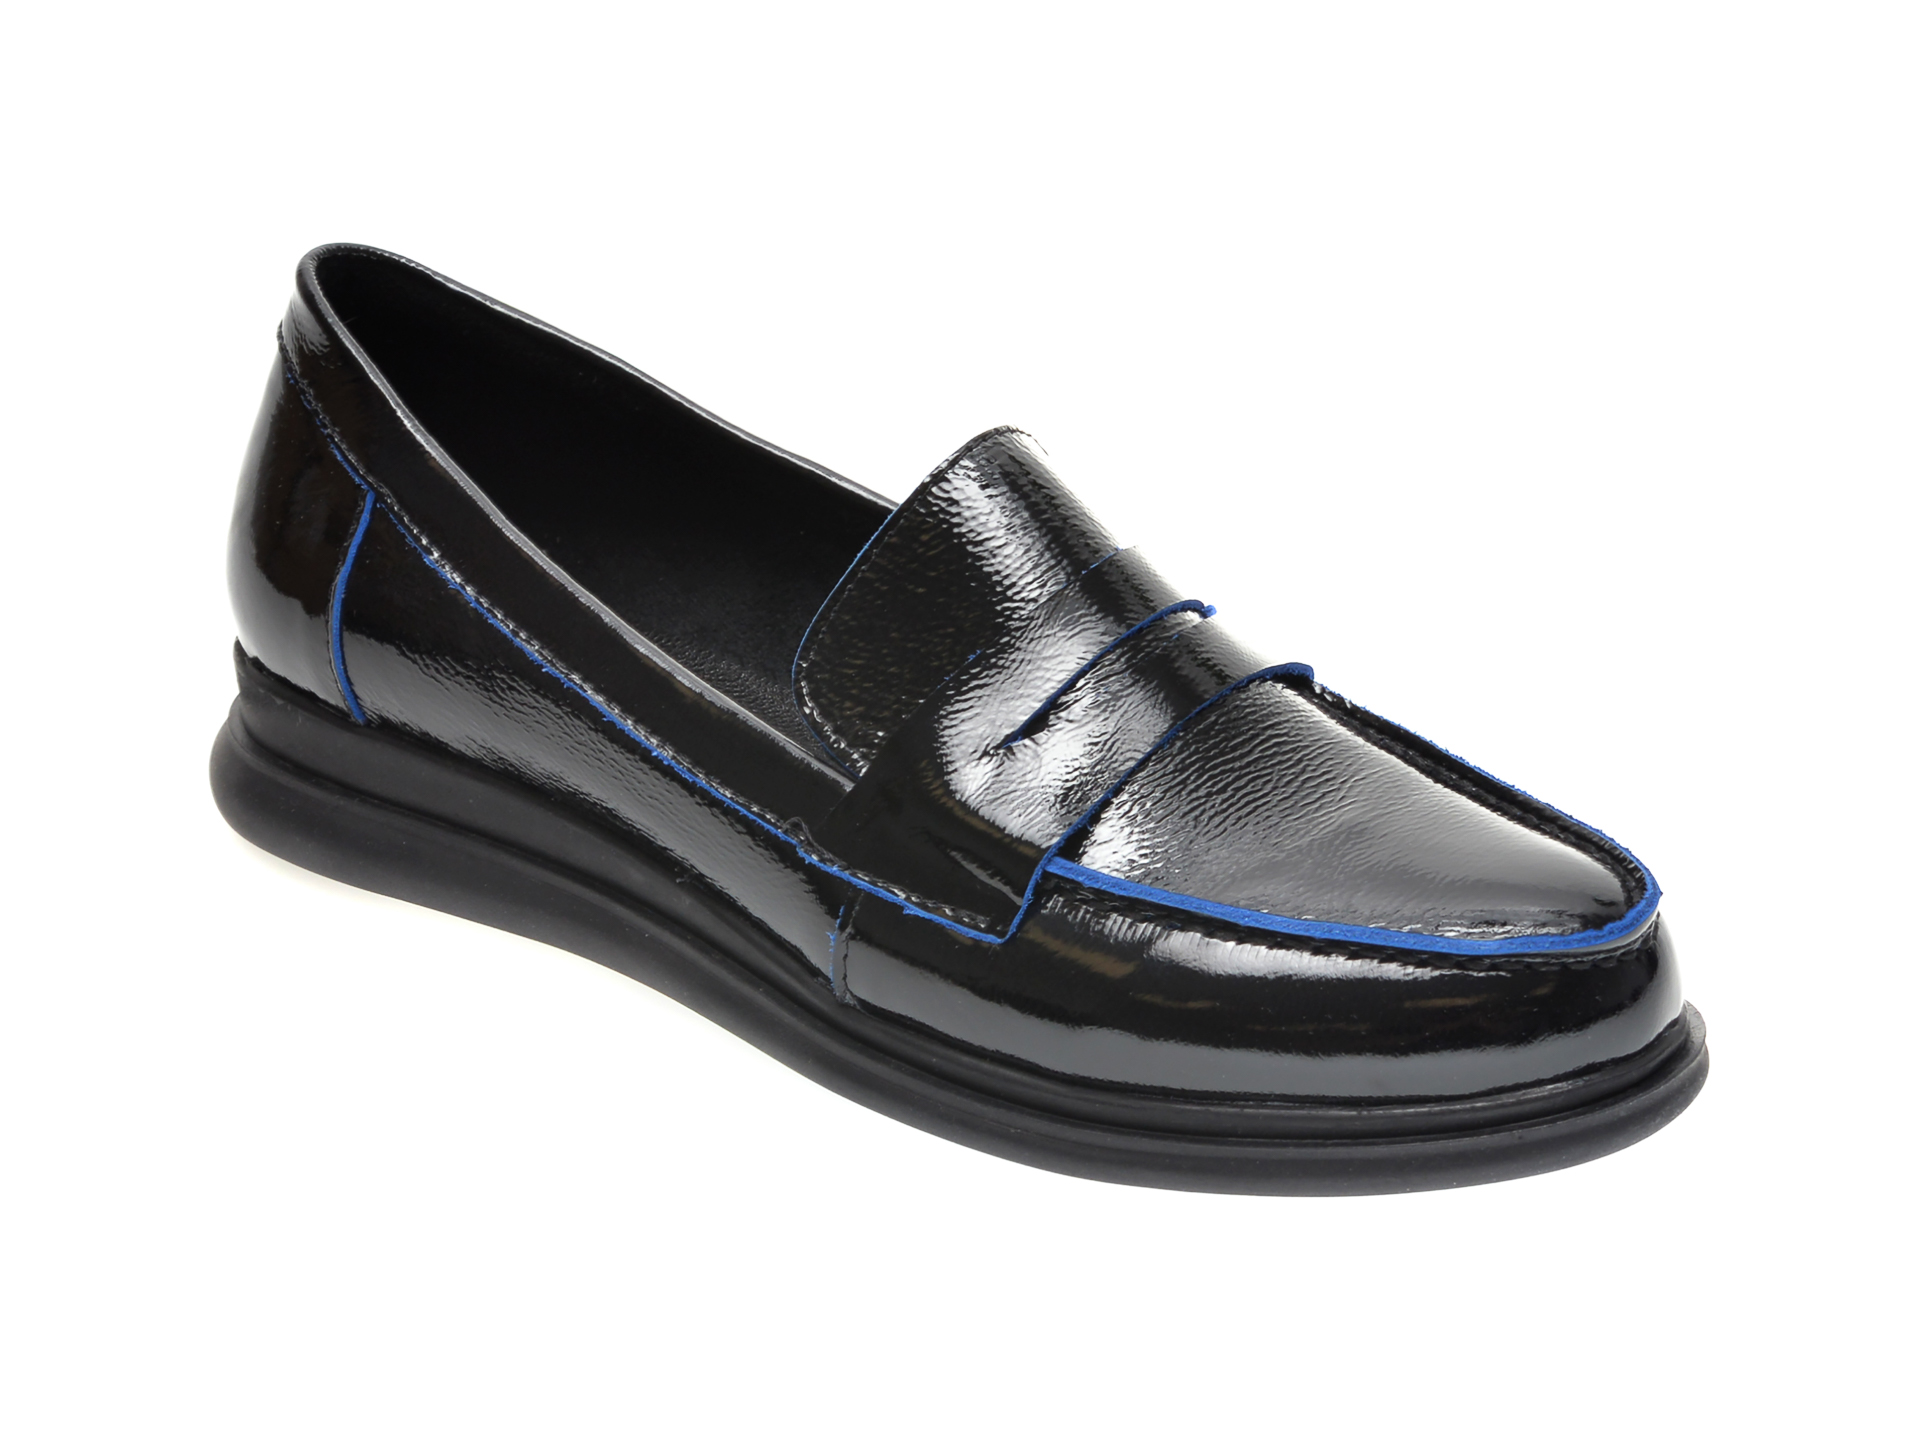 Pantofi FLAVIA PASSINI, 1307202, din piele naturala lacuita imagine